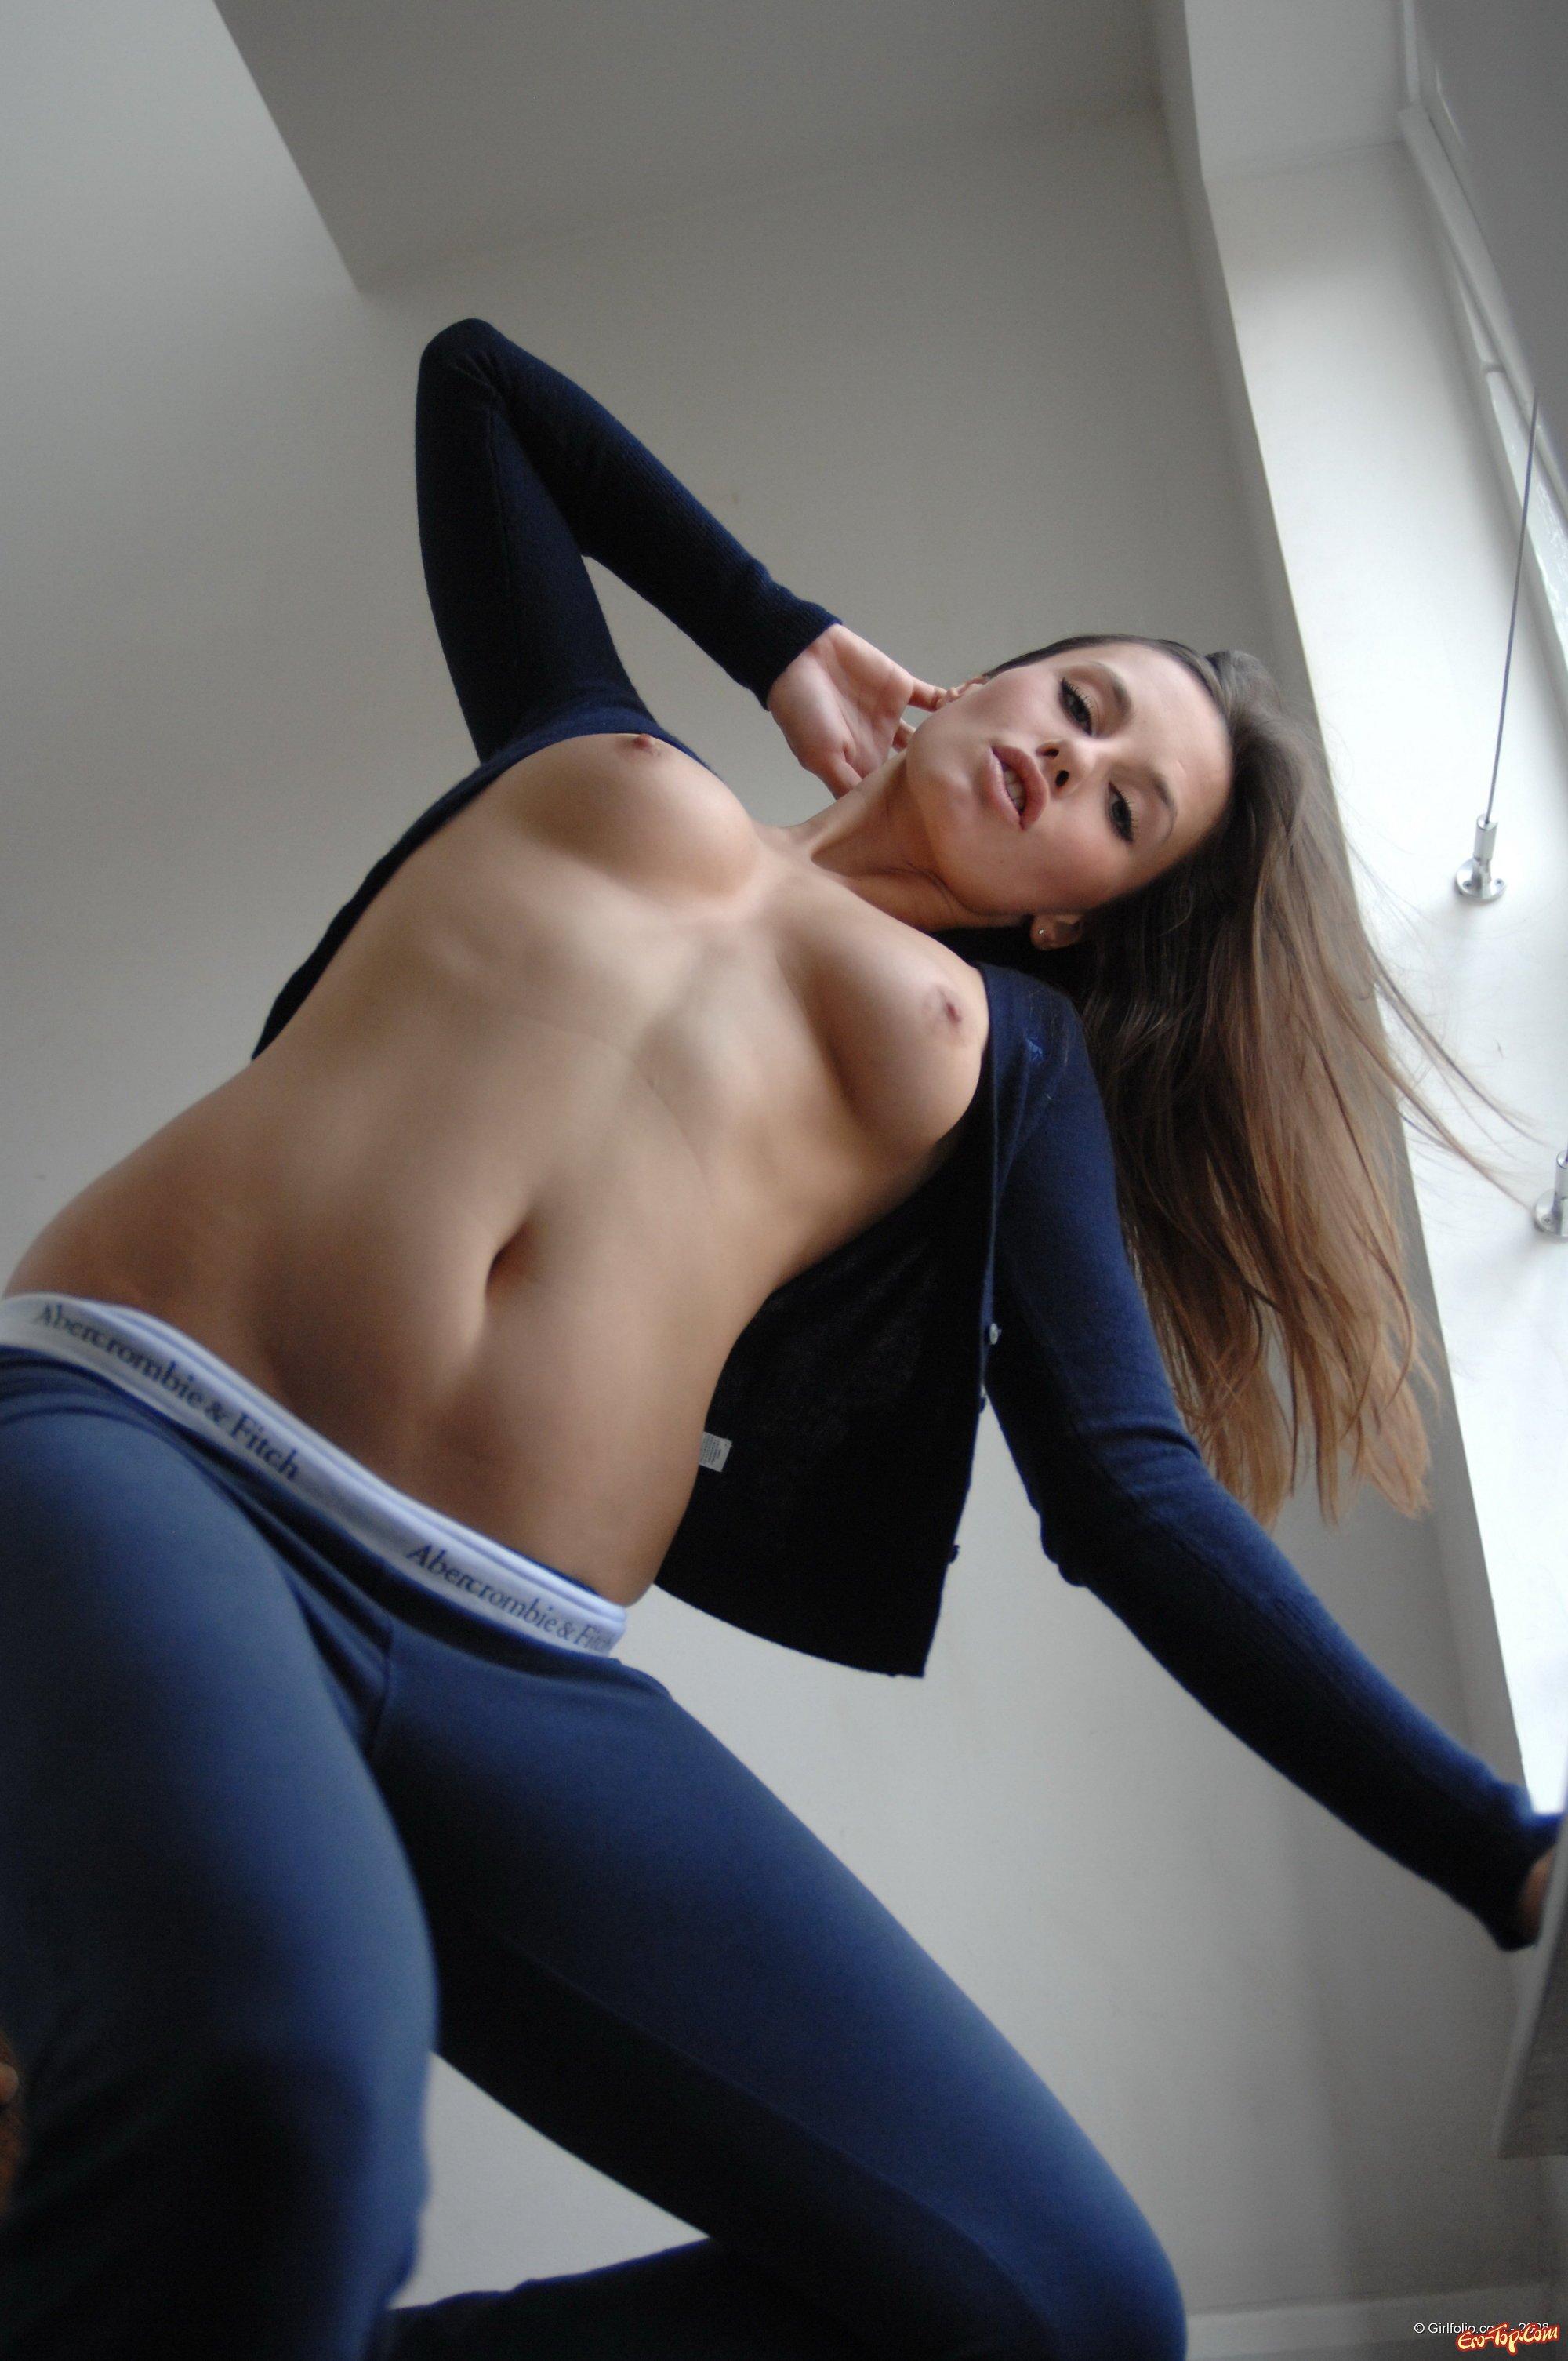 с джинсами обтягивающими девушек фото порно